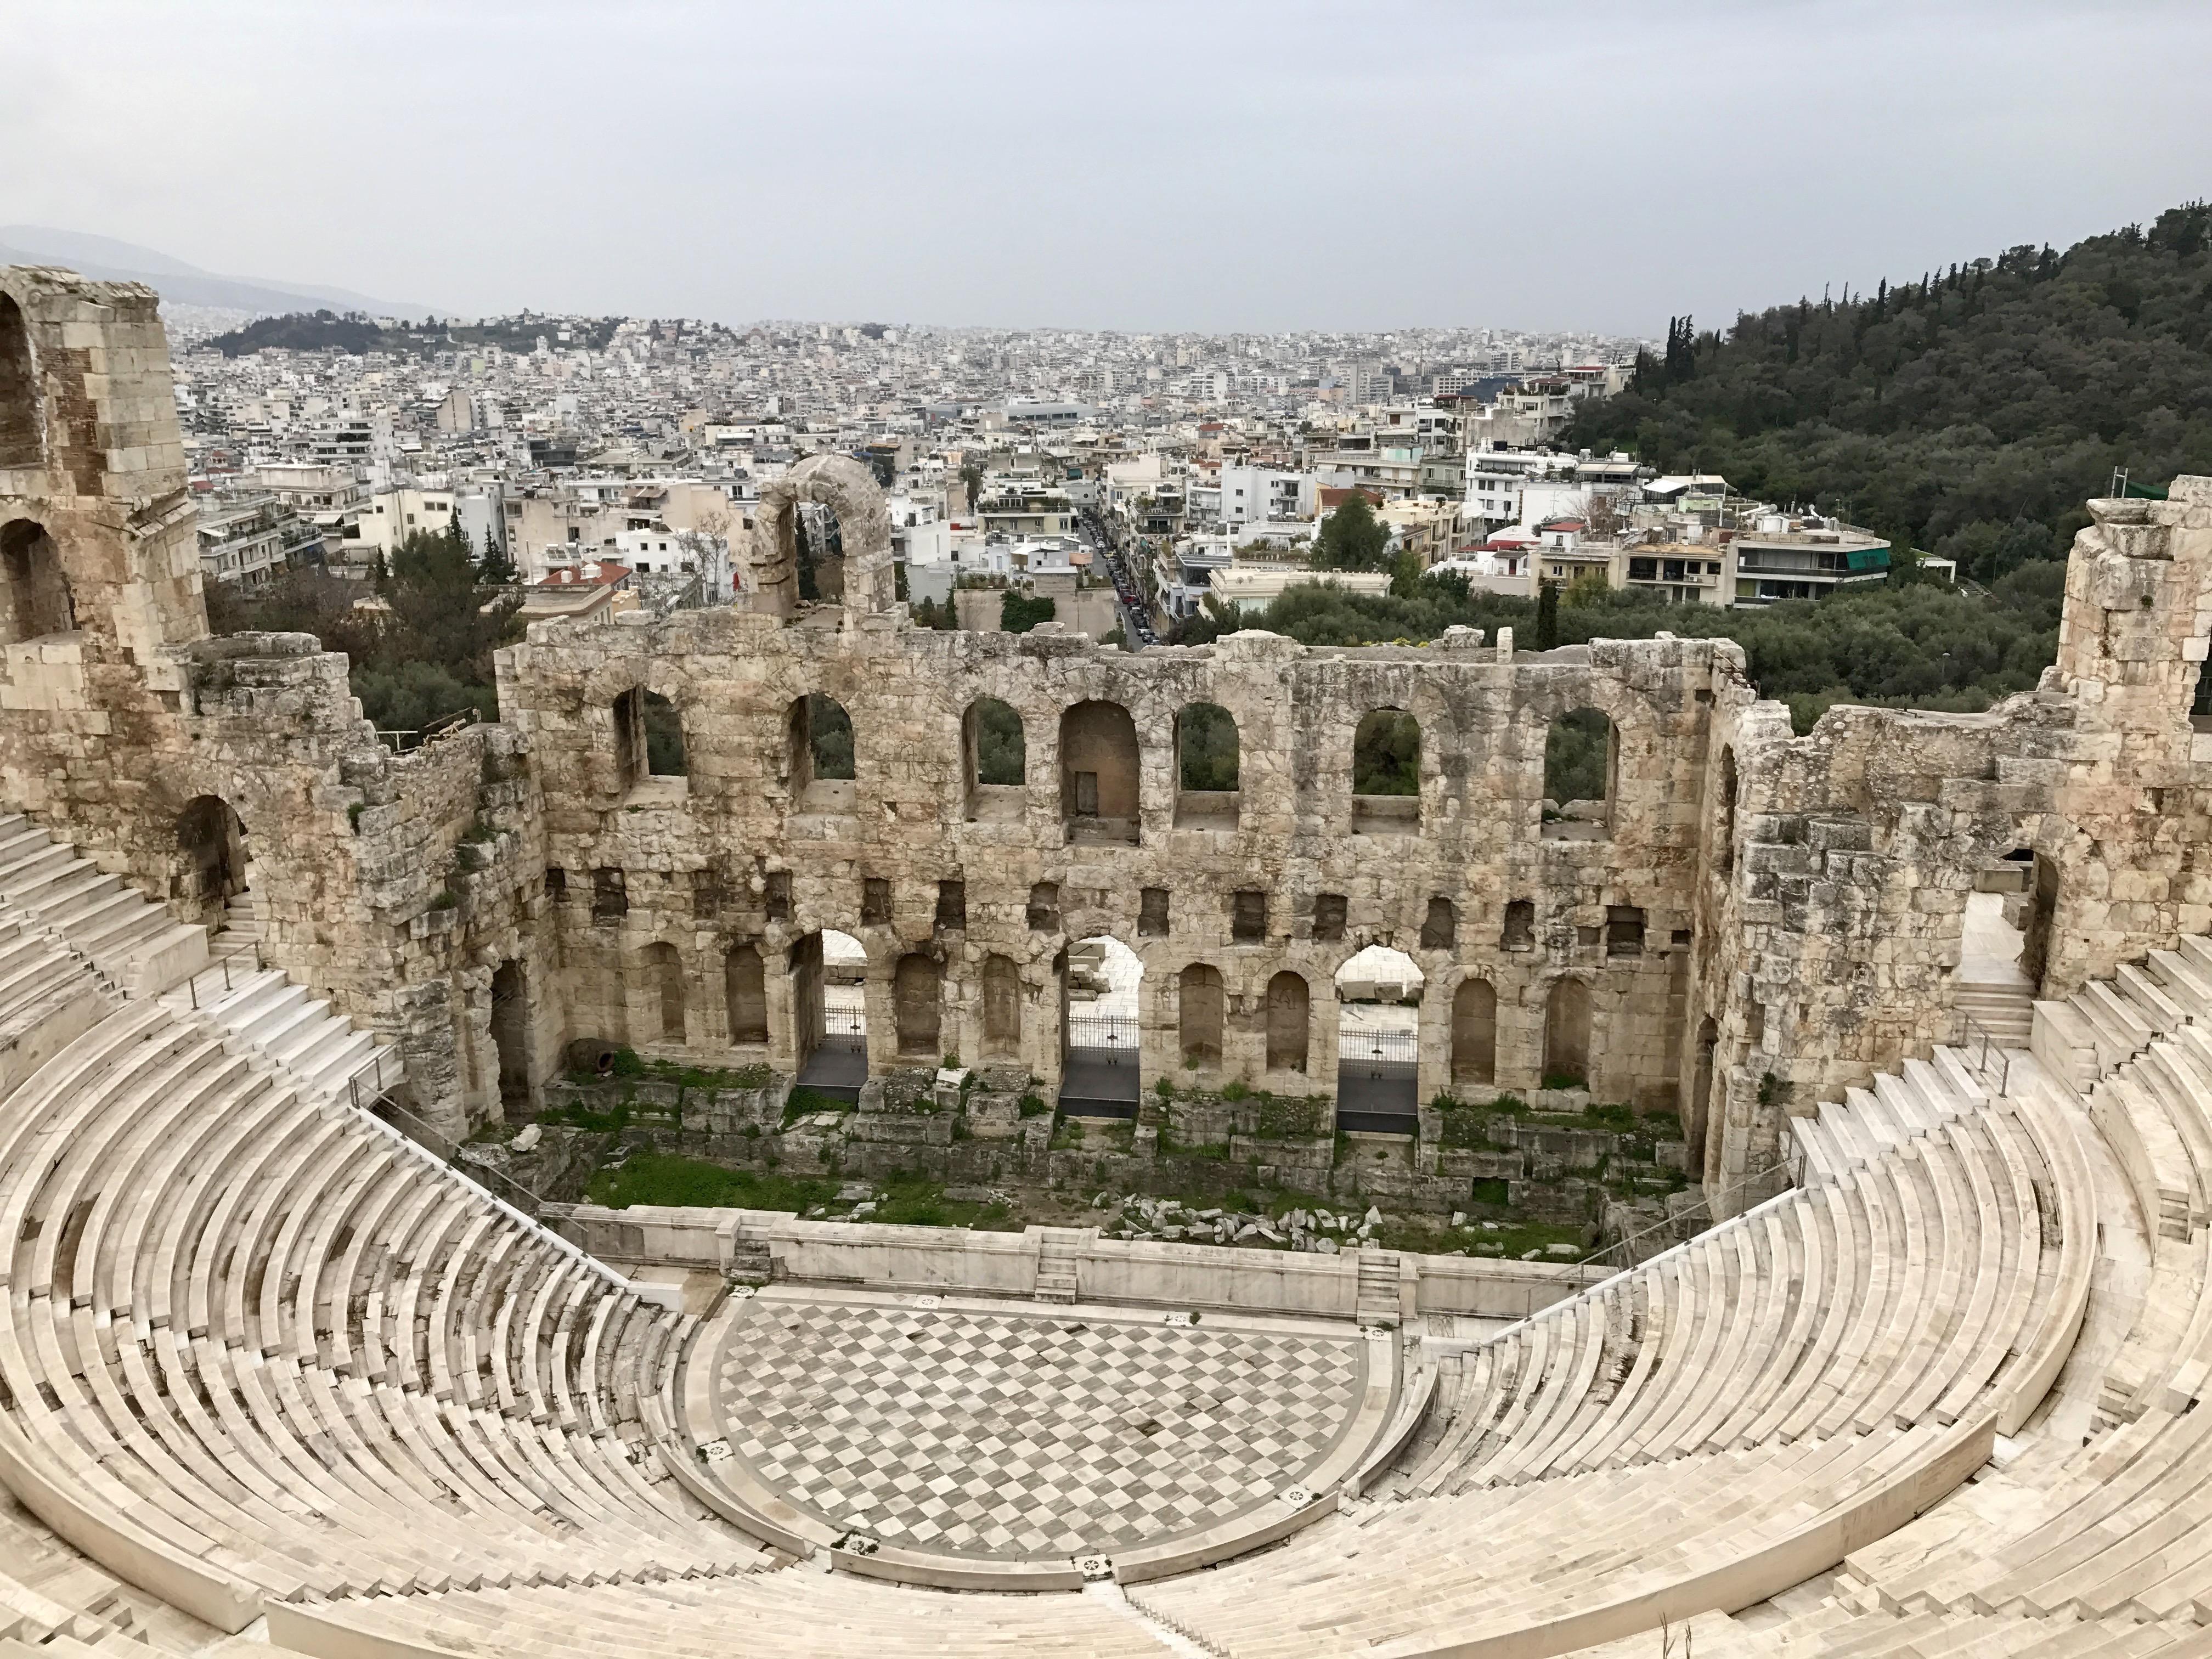 Întâlnire cu o fată în Greece